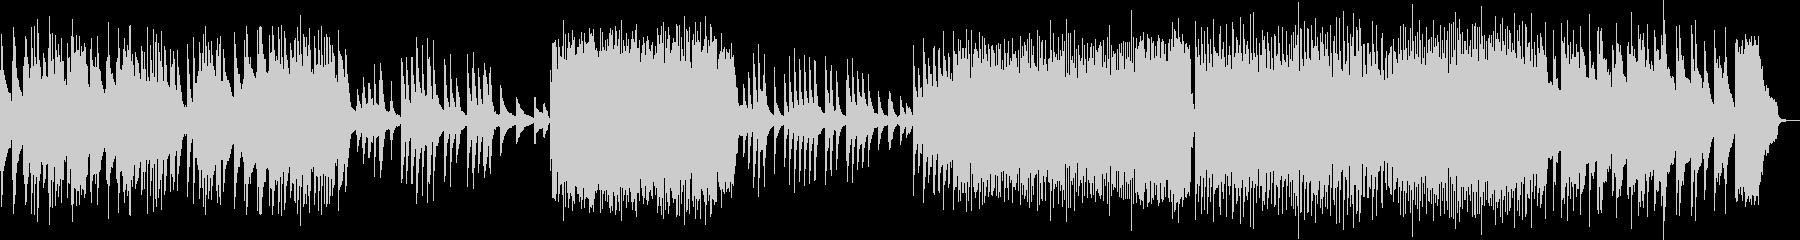 キエフの大門 展覧会の絵より(原曲版)の未再生の波形